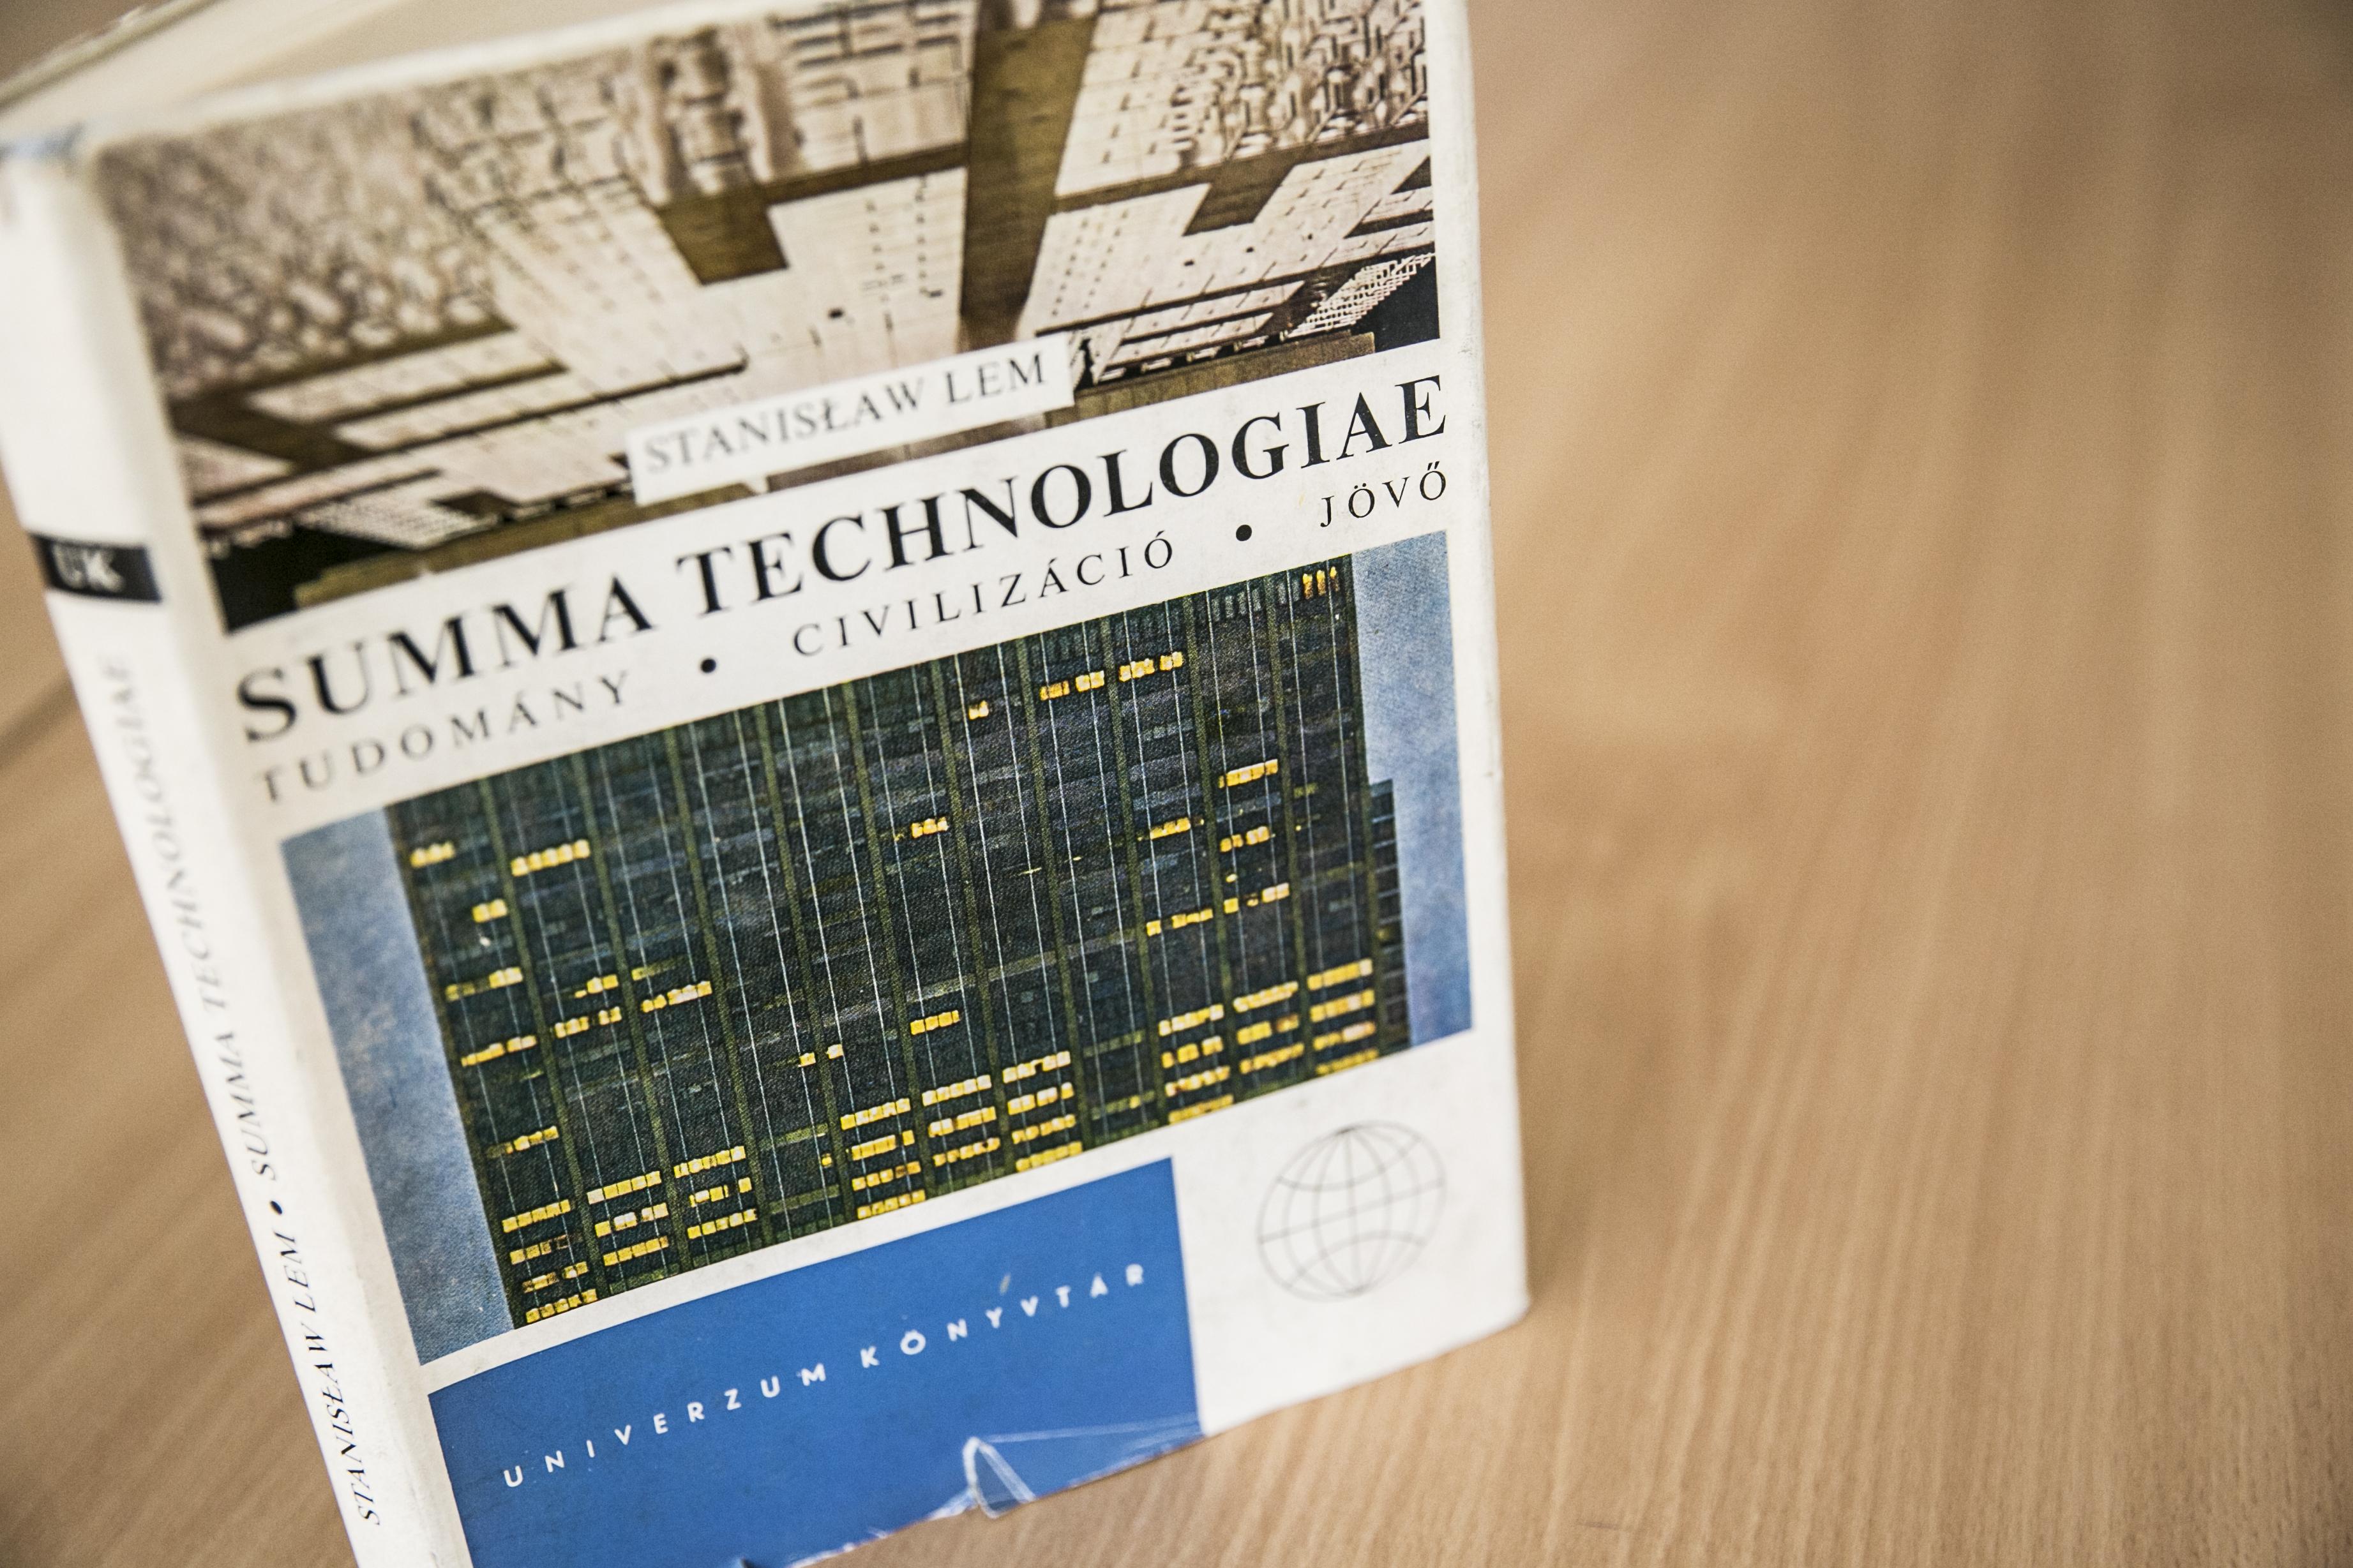 Summa Technologiae – igazságot Stanisław Lemnek!